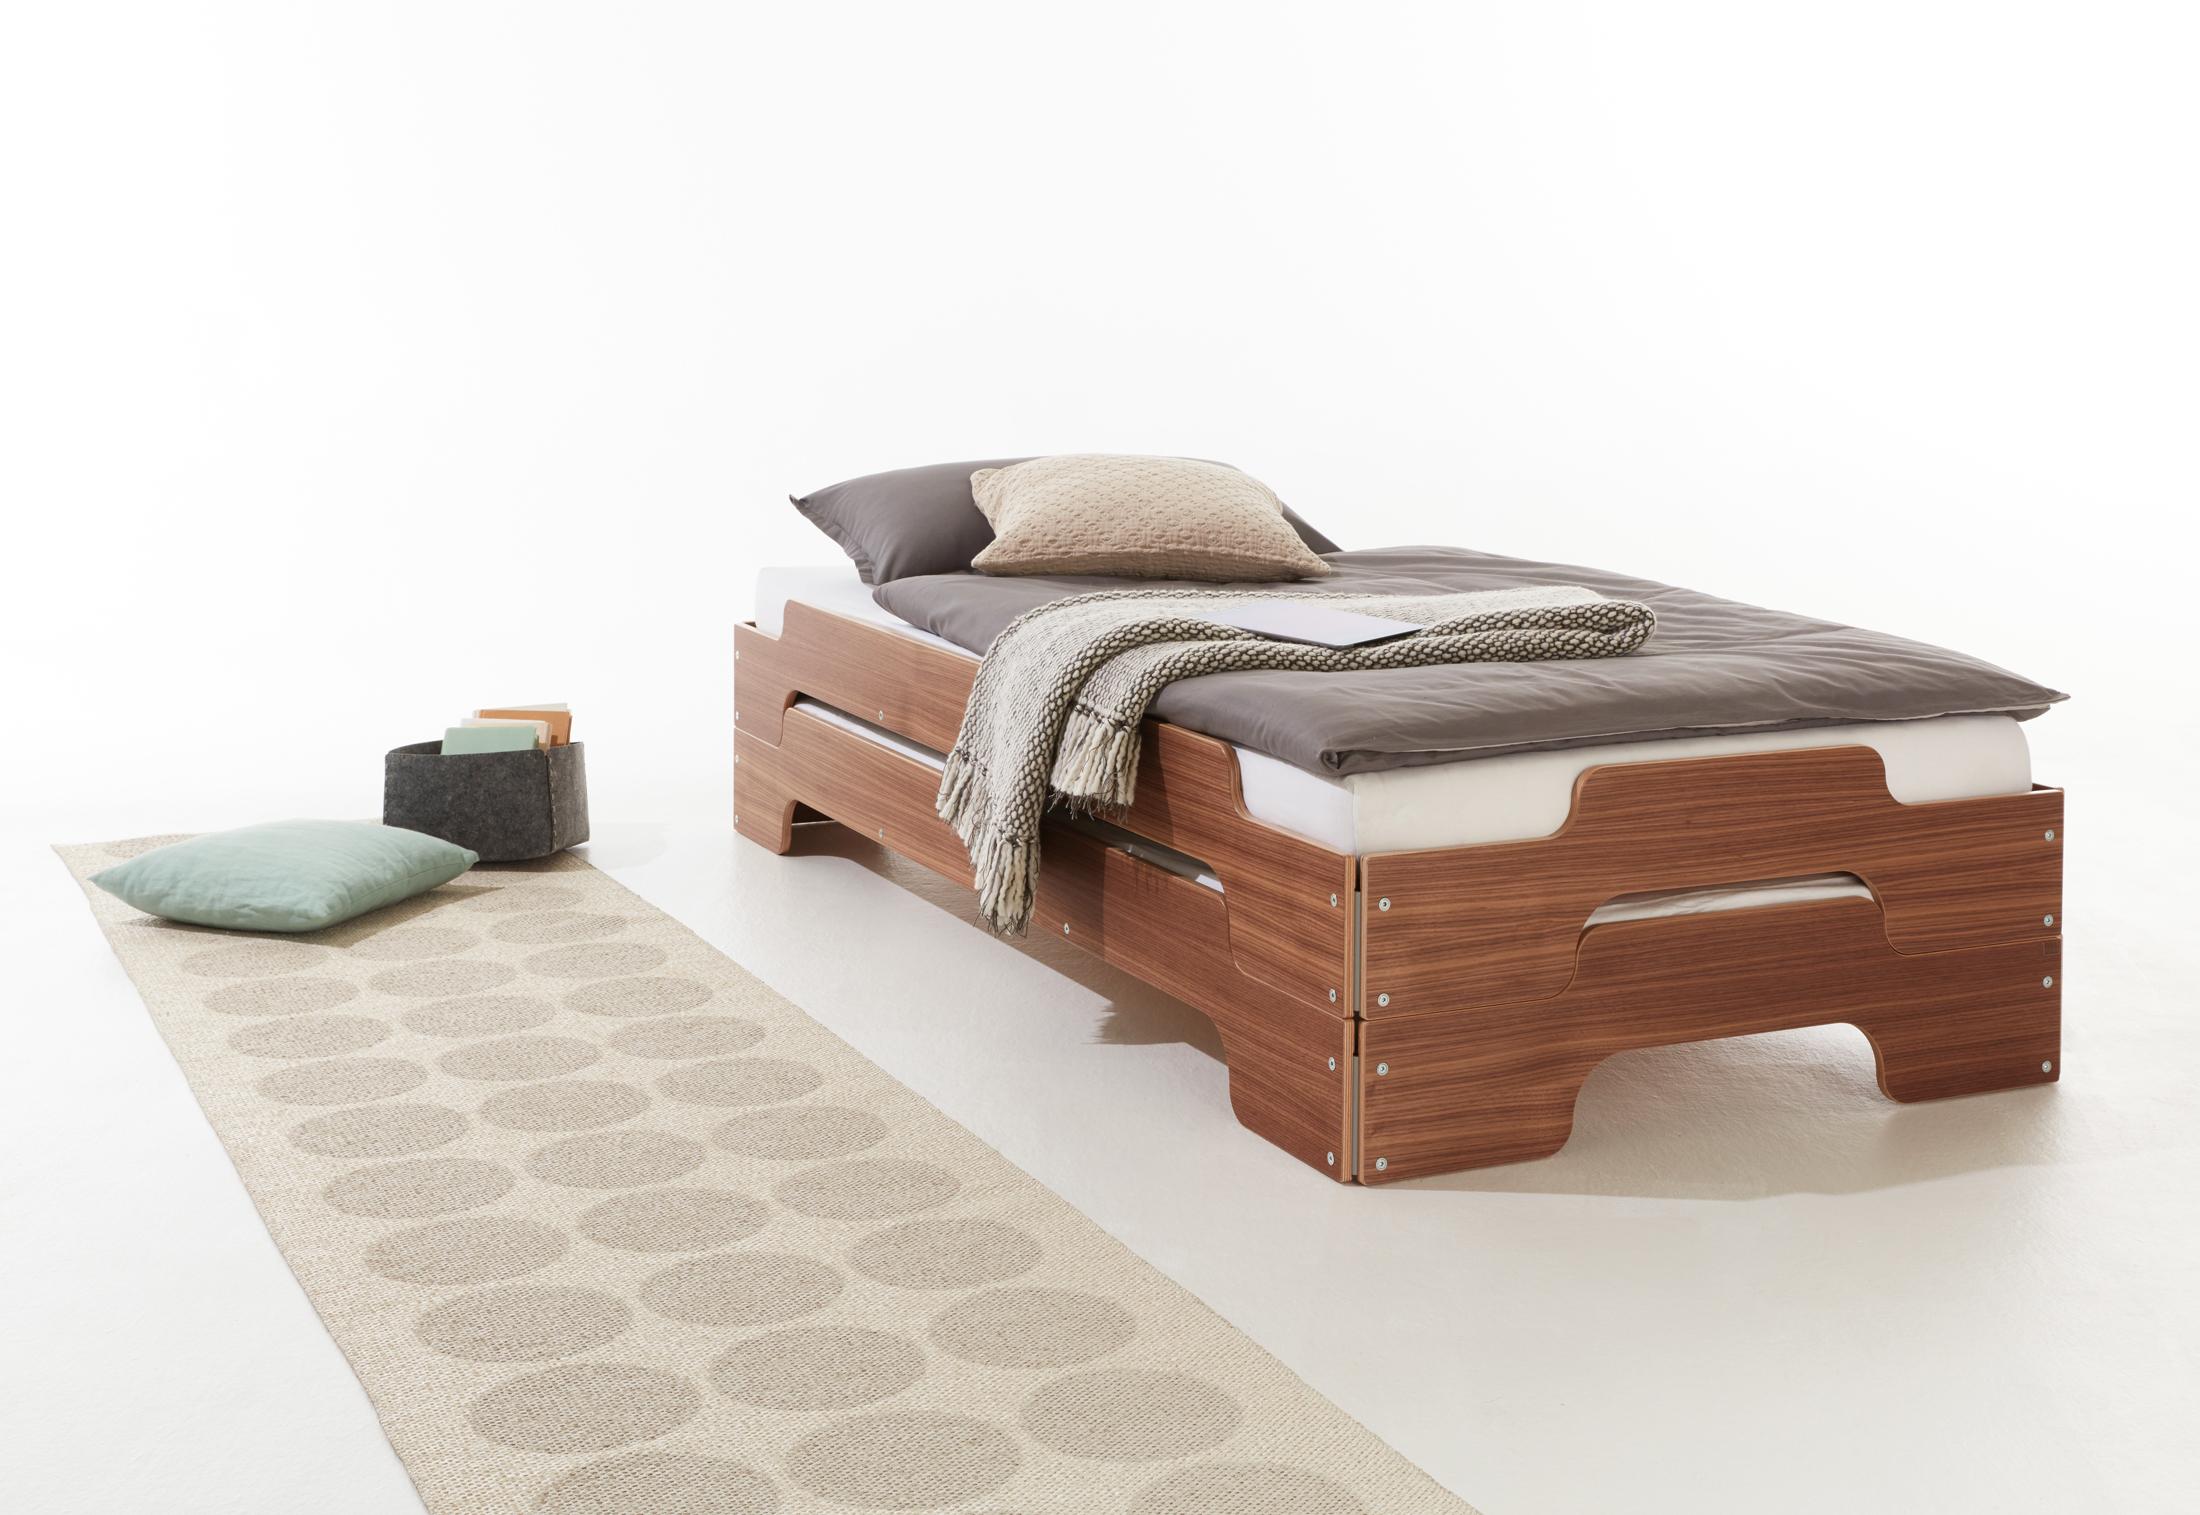 stapelliege rolf heide mller rolf heide frame comfort high with stapelliege rolf heide. Black Bedroom Furniture Sets. Home Design Ideas